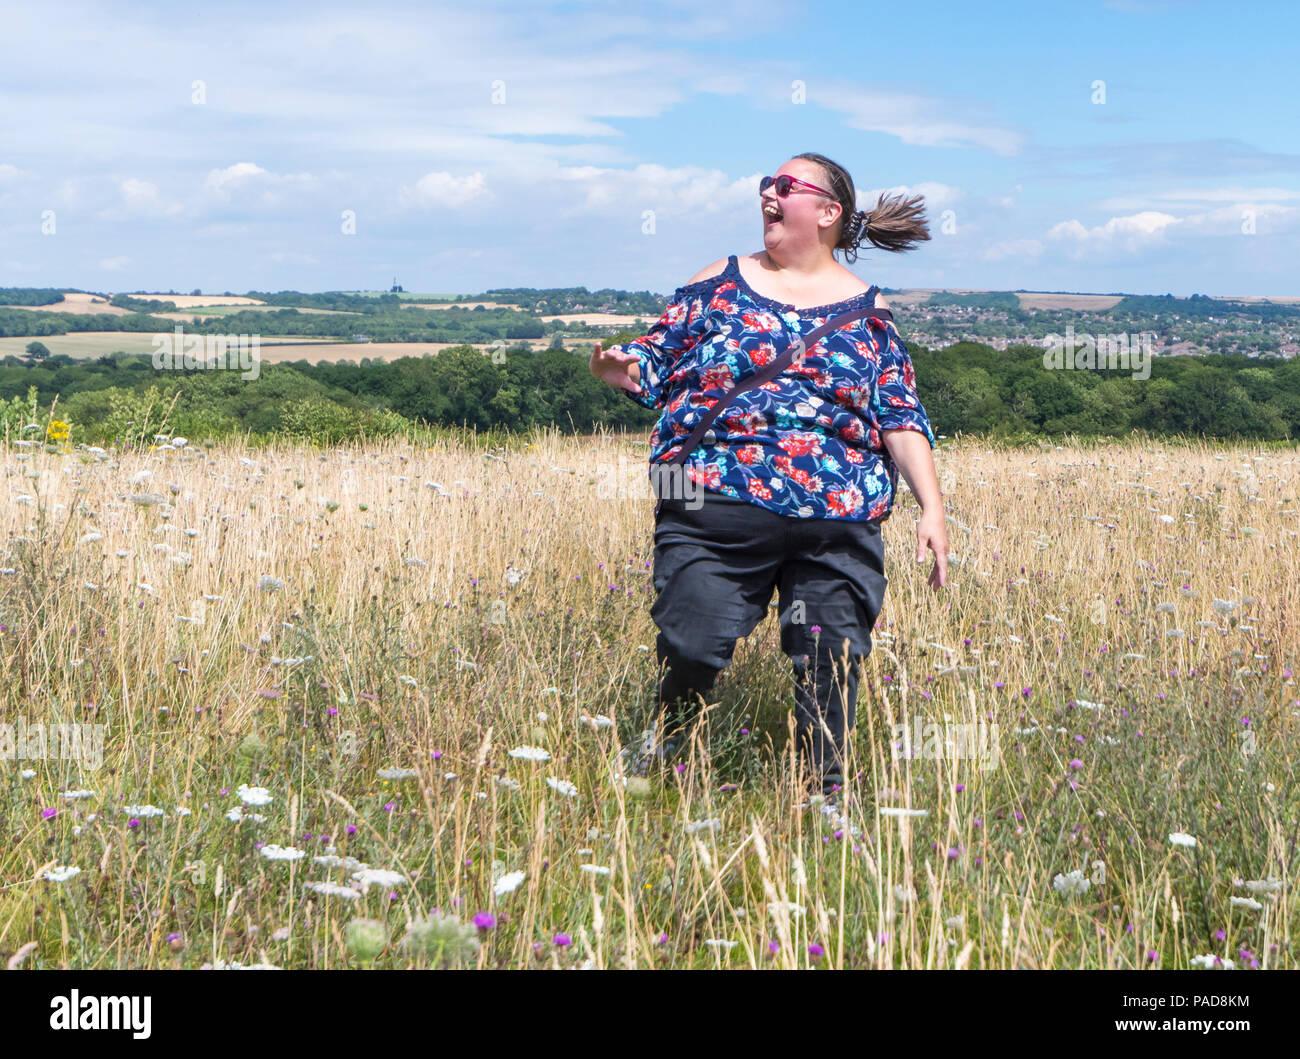 Junge Frau springt und läuft um eine Wiese in der Britischen Landschaft an einem heißen Tag im Juli 2018 Hitzewelle bei Highdown Hill, West Sussex, England, UK. Glück Konzept. Glücklich sein Konzept. Springen mit Freude Konzept. Stockbild